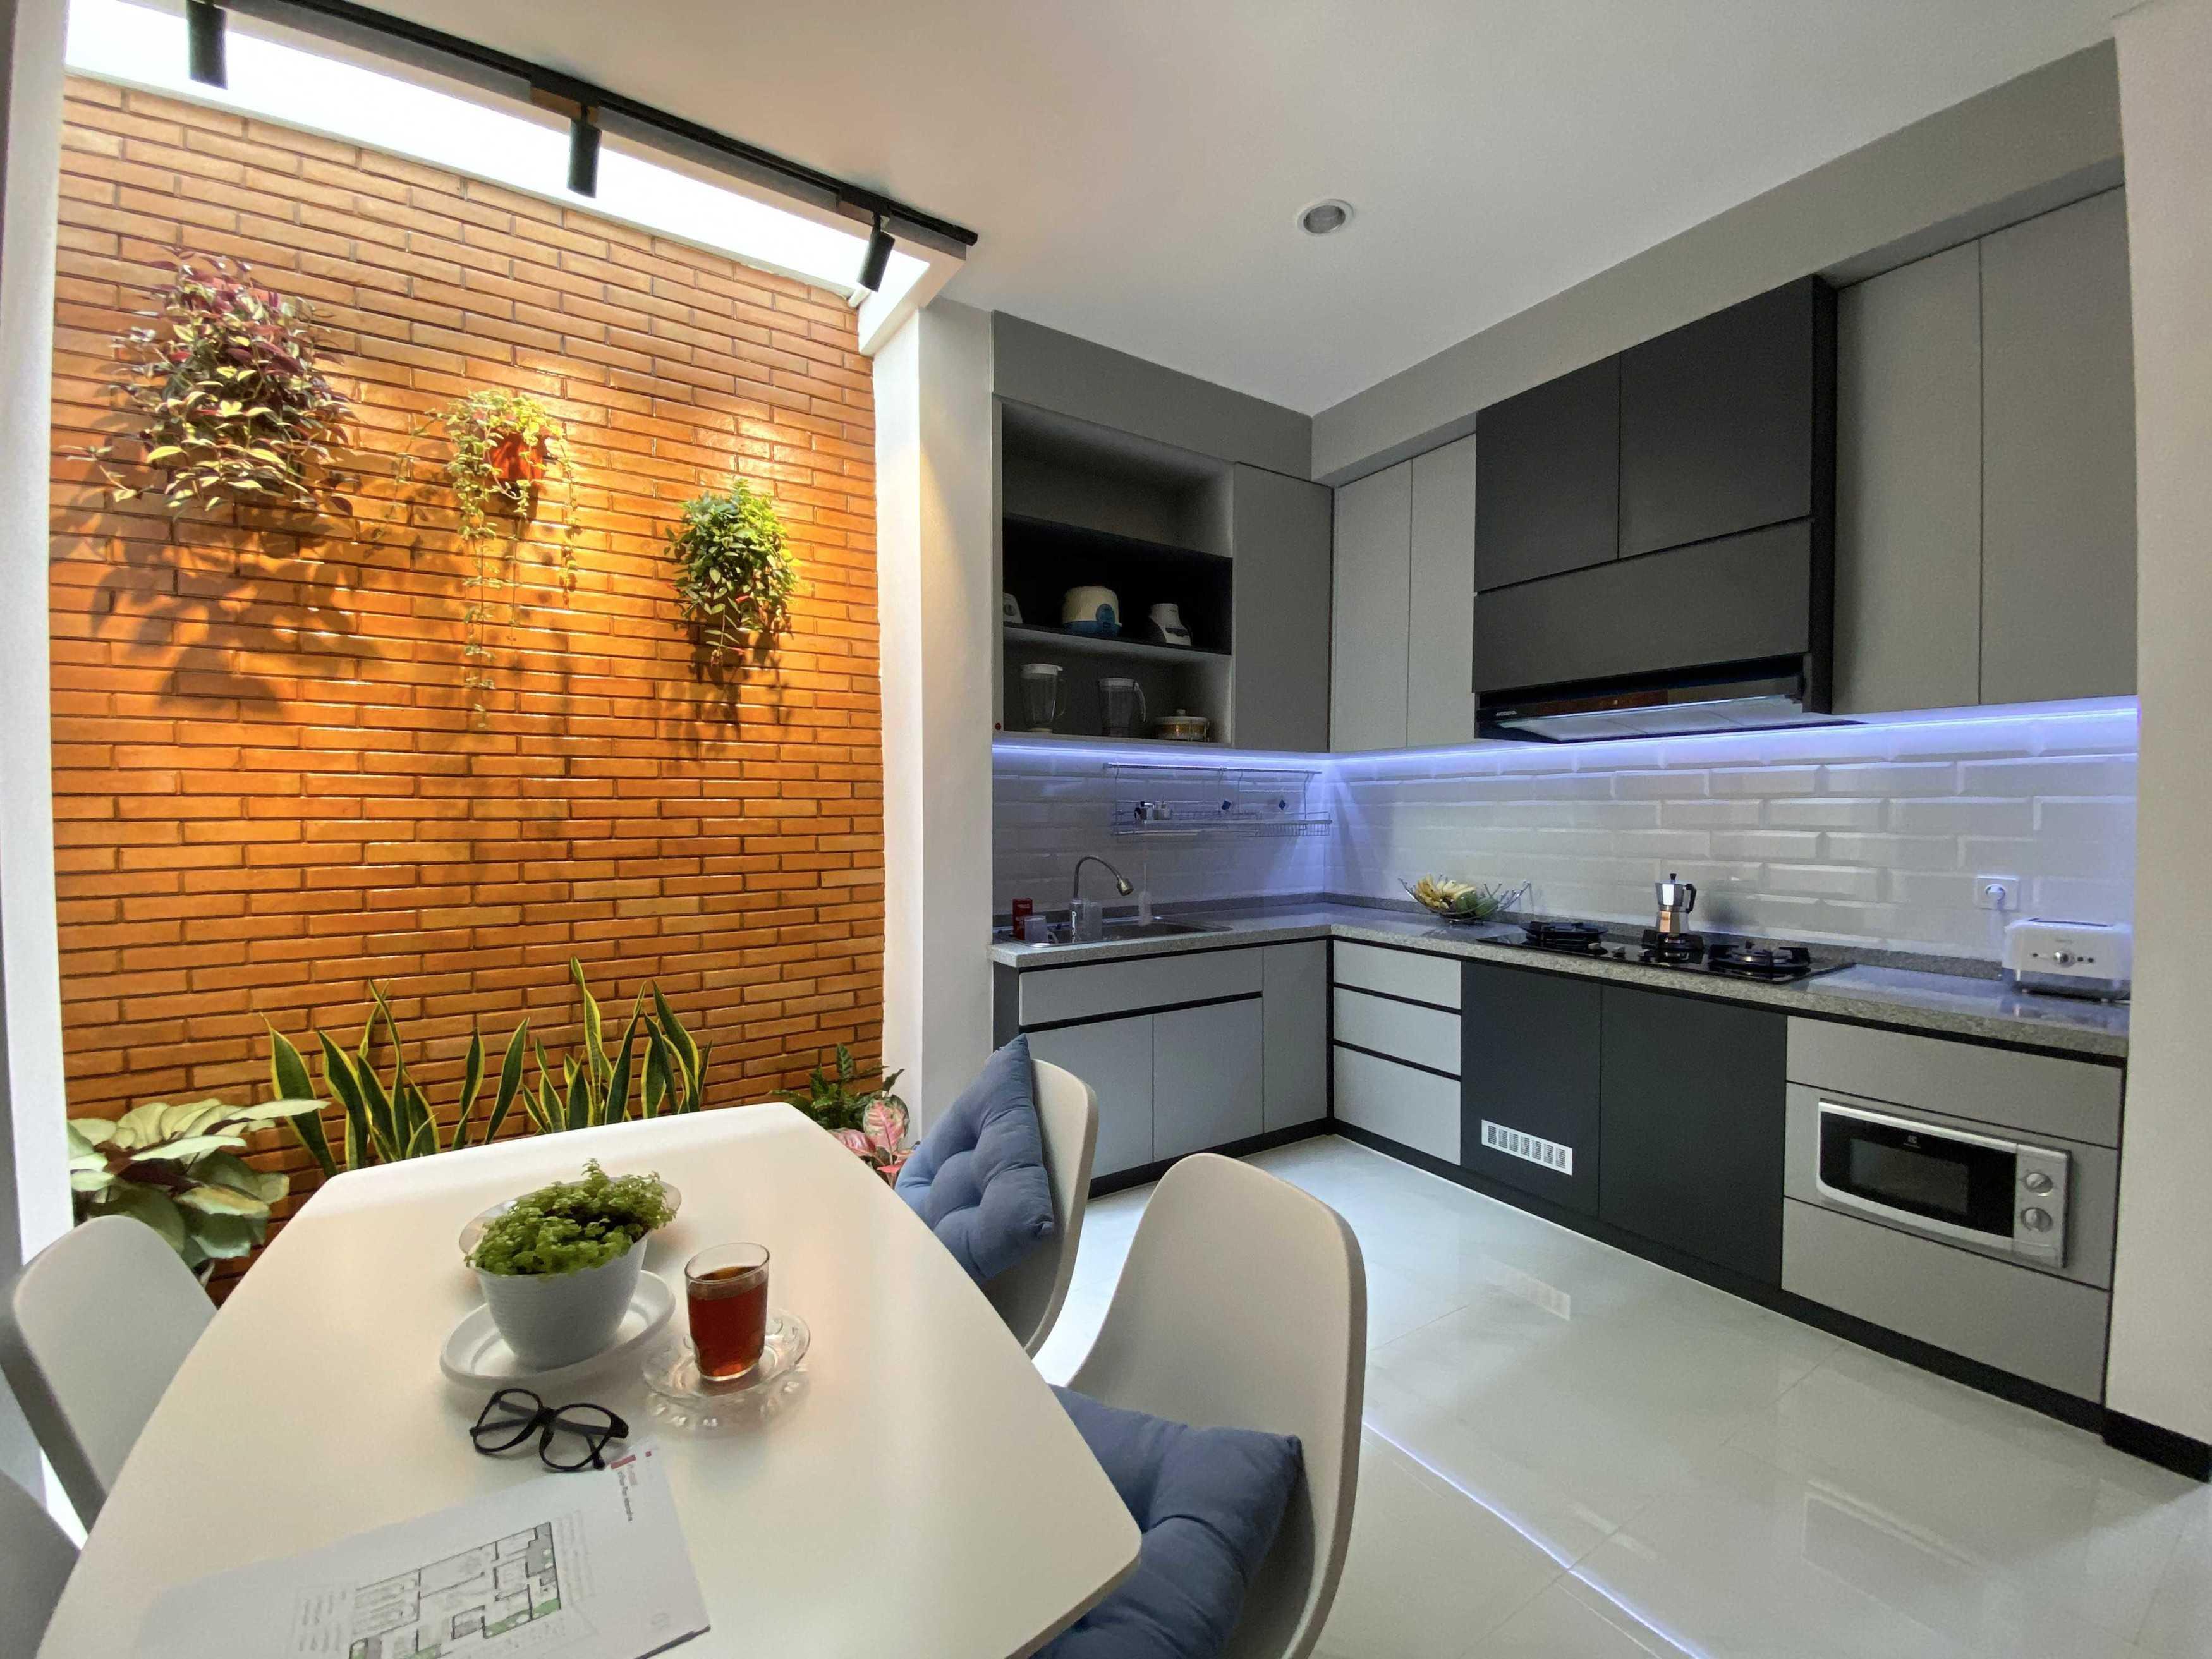 iap-architect-ps-house-renovasi-pantry1615965685-l